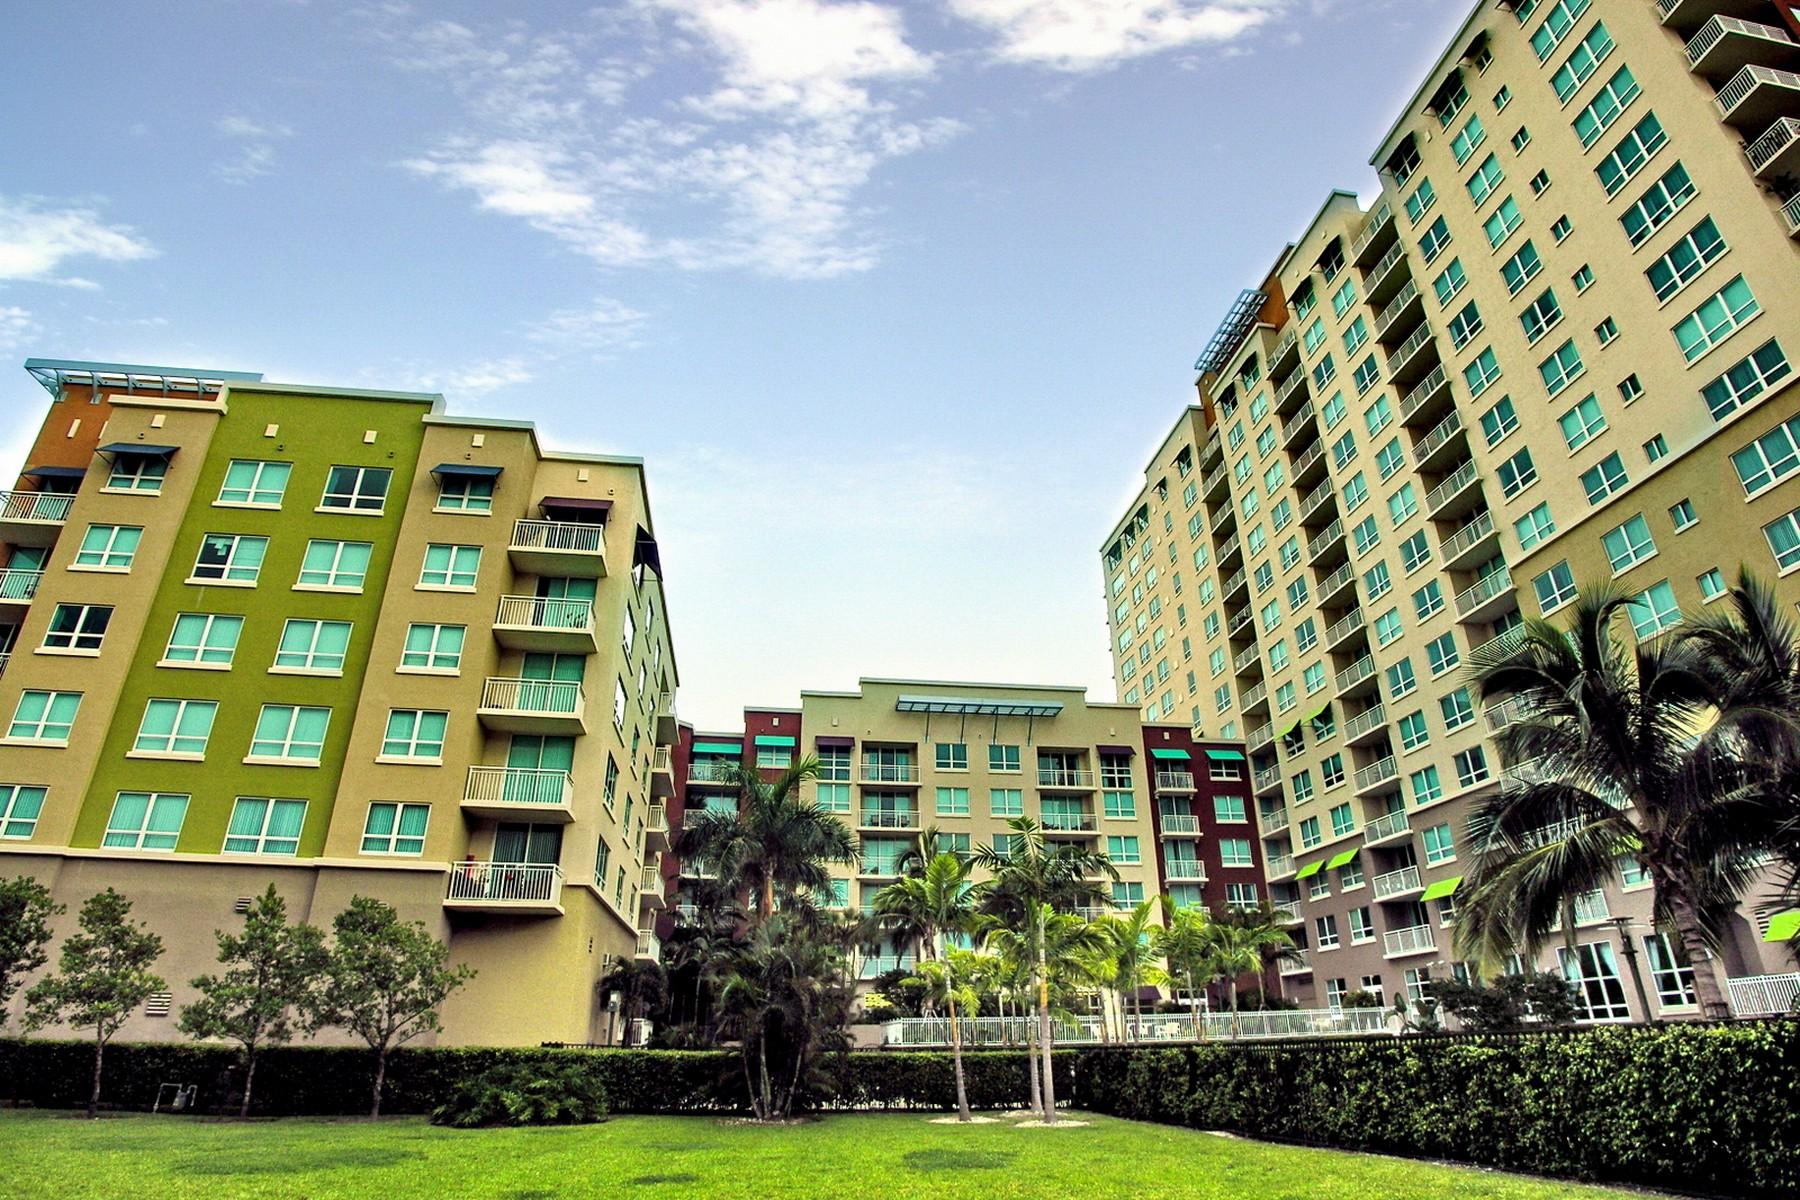 Condominium for Sale at 2001 Biscayne Blvd #2418 2001 Biscayne Blvd Unit 2418 Miami, Florida 33132 United States